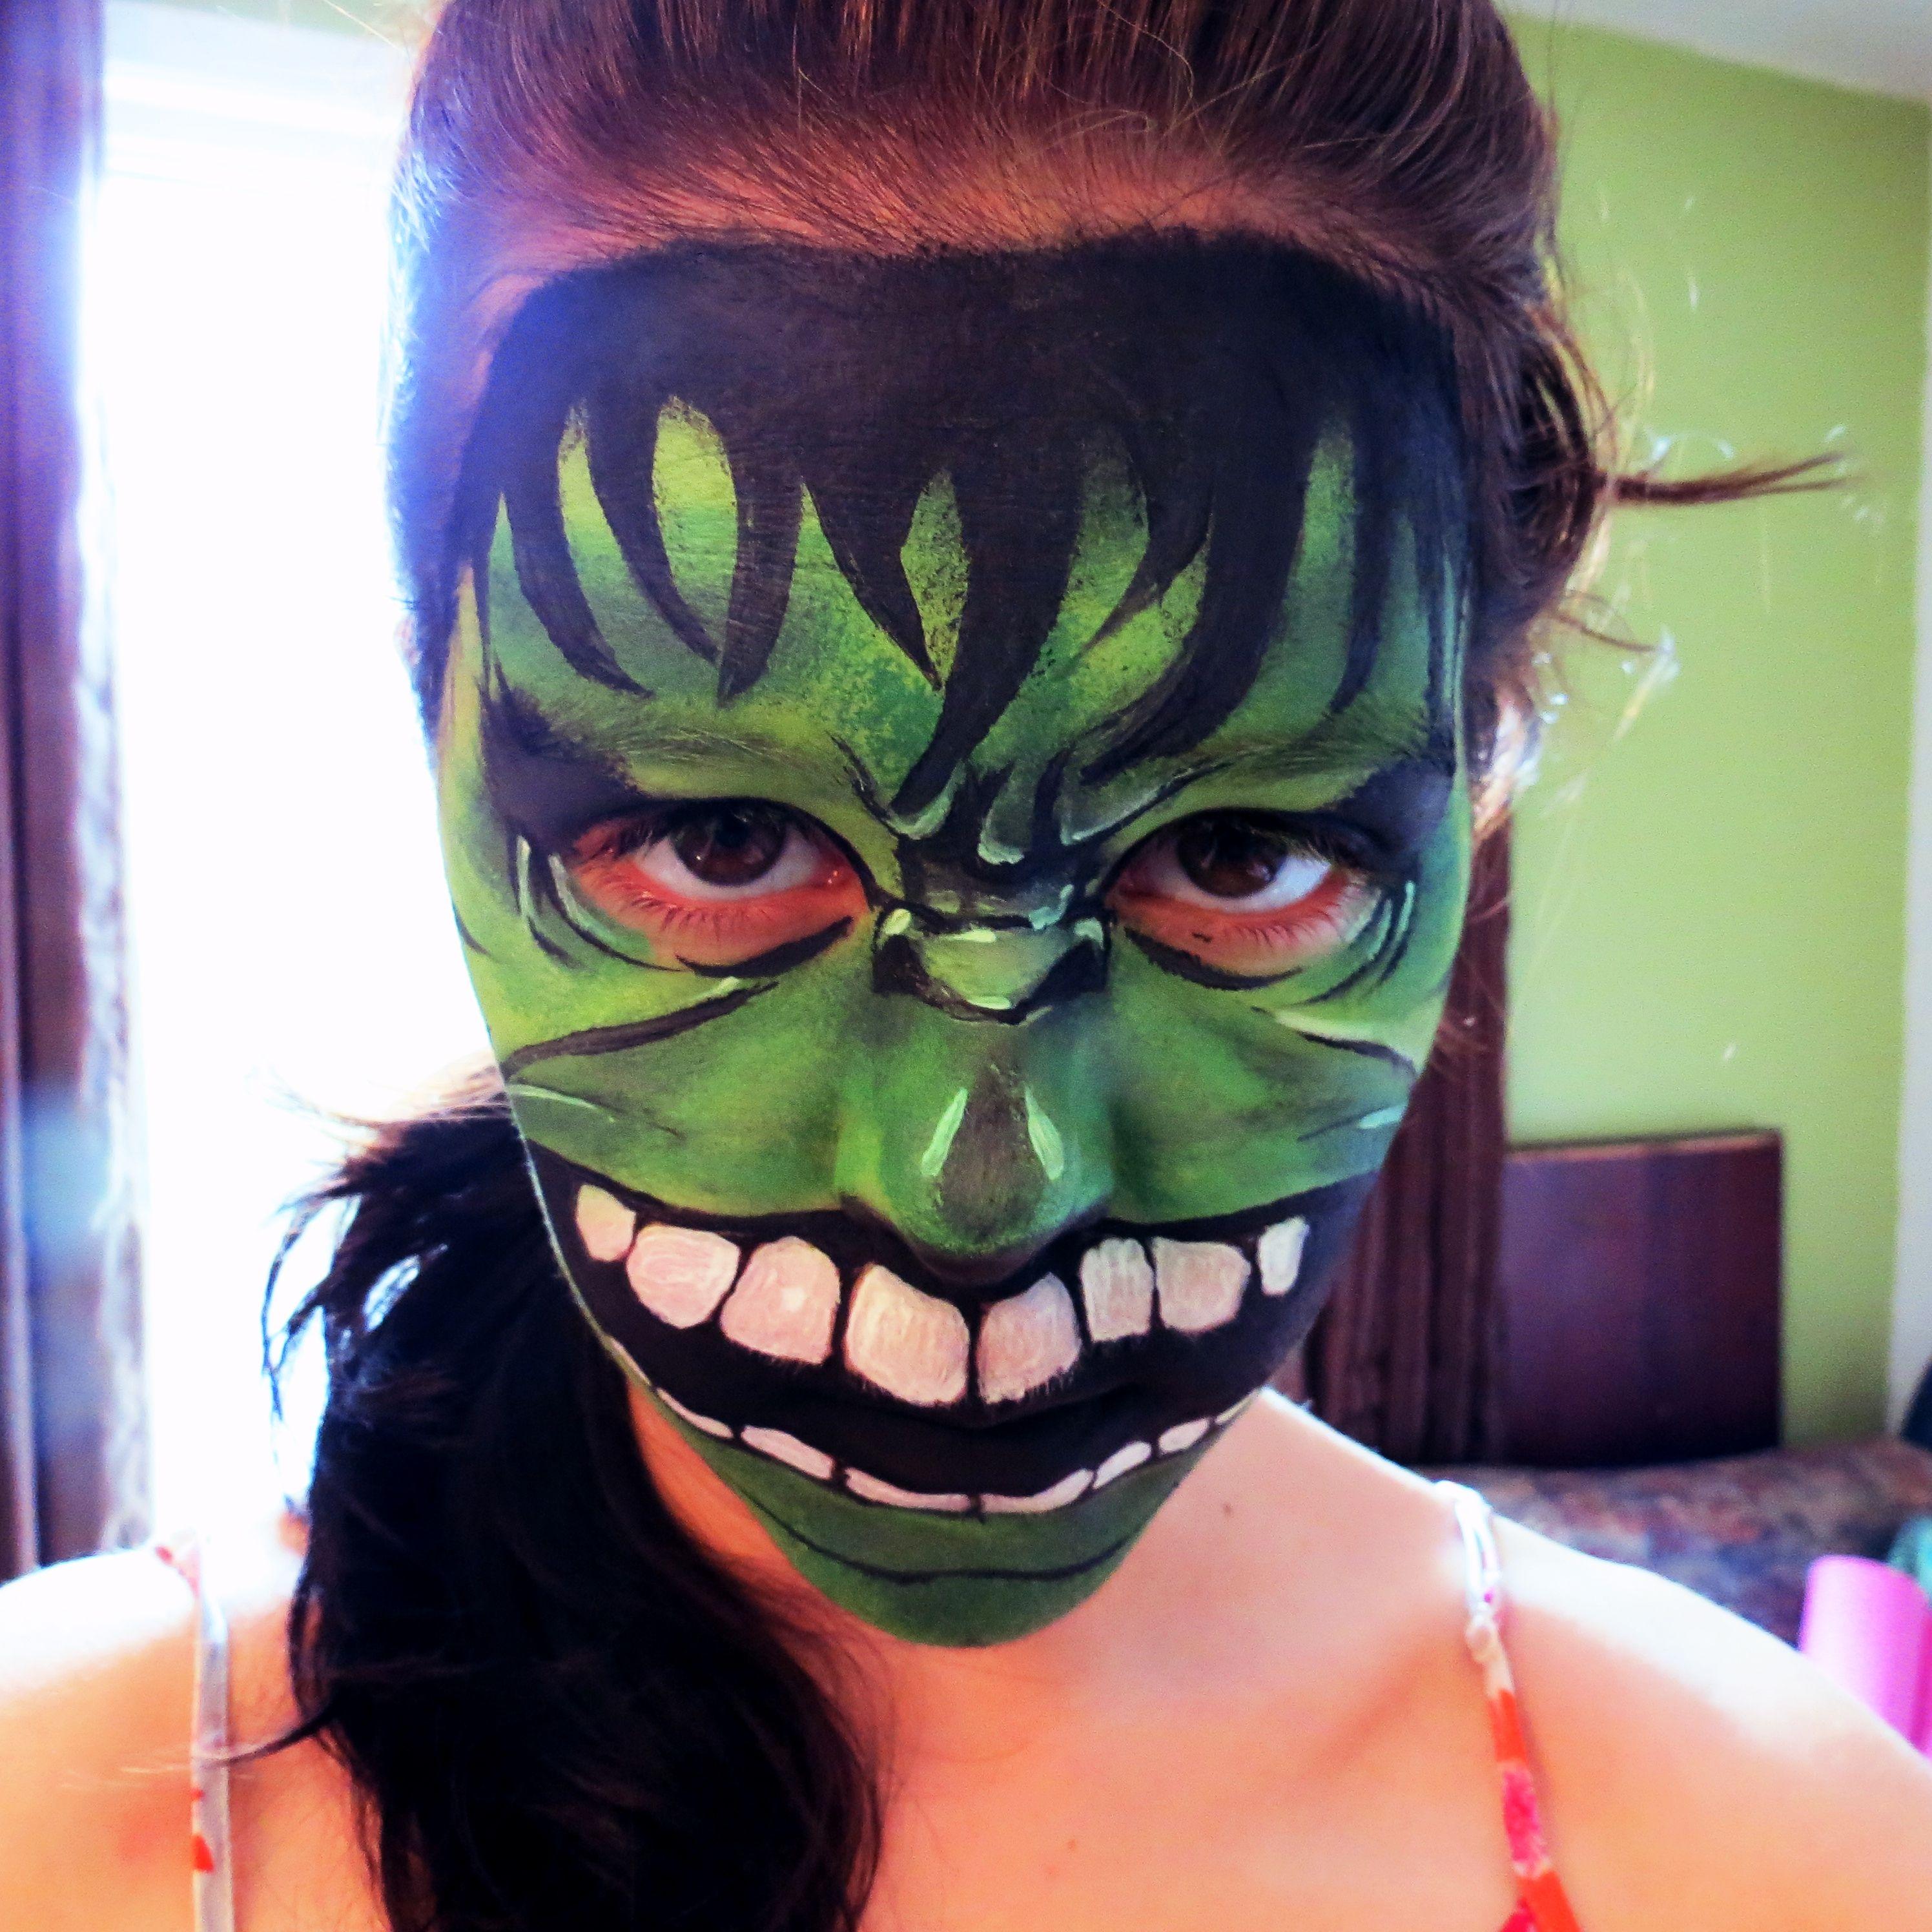 maquillage pour enfant hulk children make up face painting for kids maquillage pour enfant. Black Bedroom Furniture Sets. Home Design Ideas